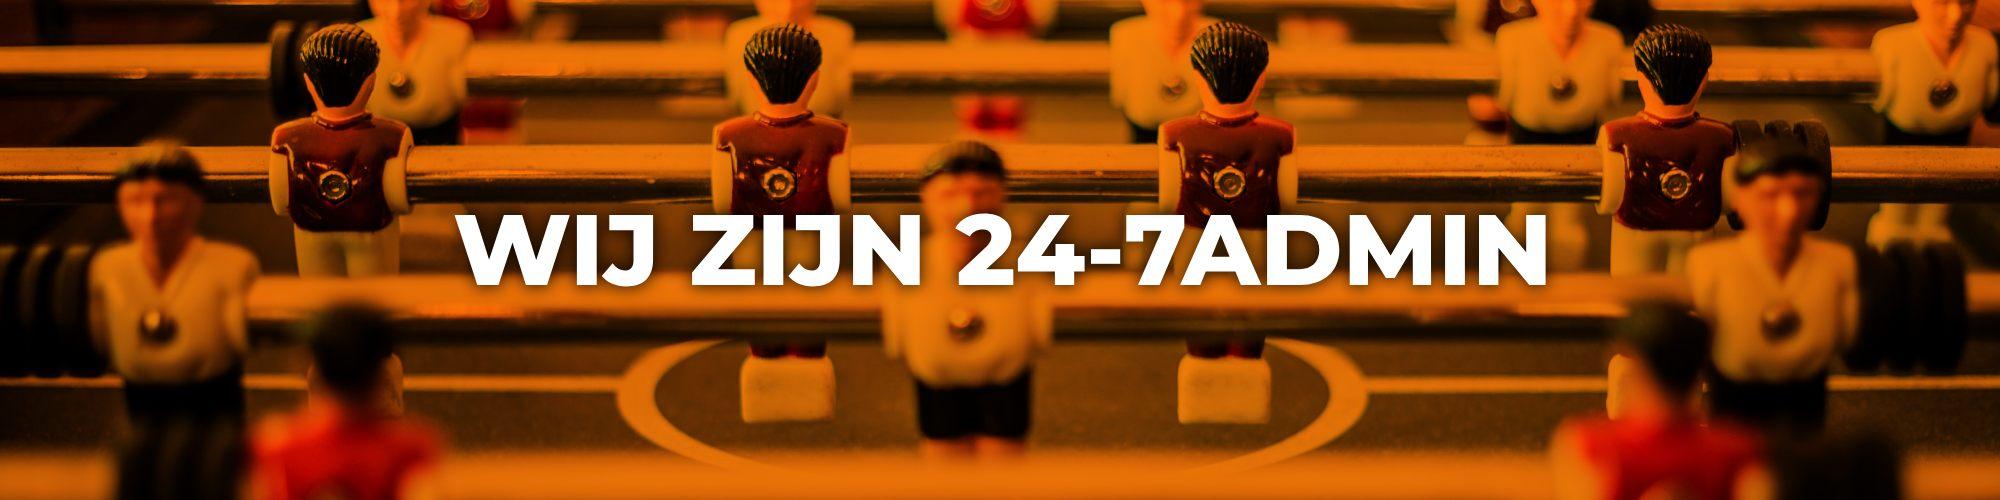 het-team-van-24-7admin-Hoogeveen